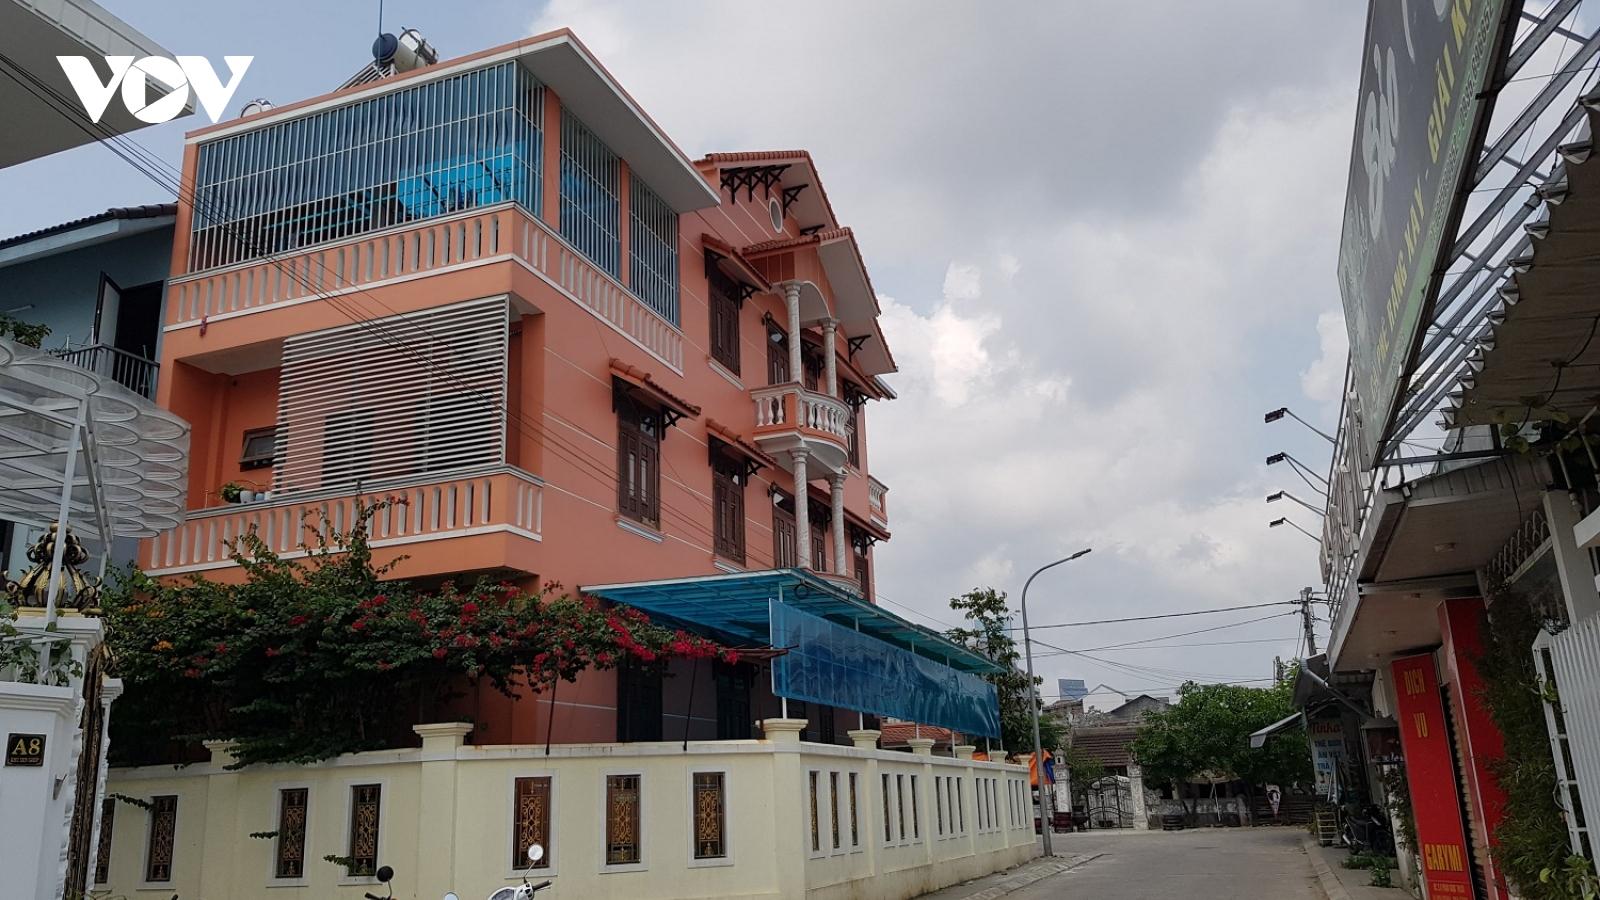 UBND thành phố Huế lên tiếng vụ nguyên Bí thư Thành ủy nhận đất không qua đấu giá